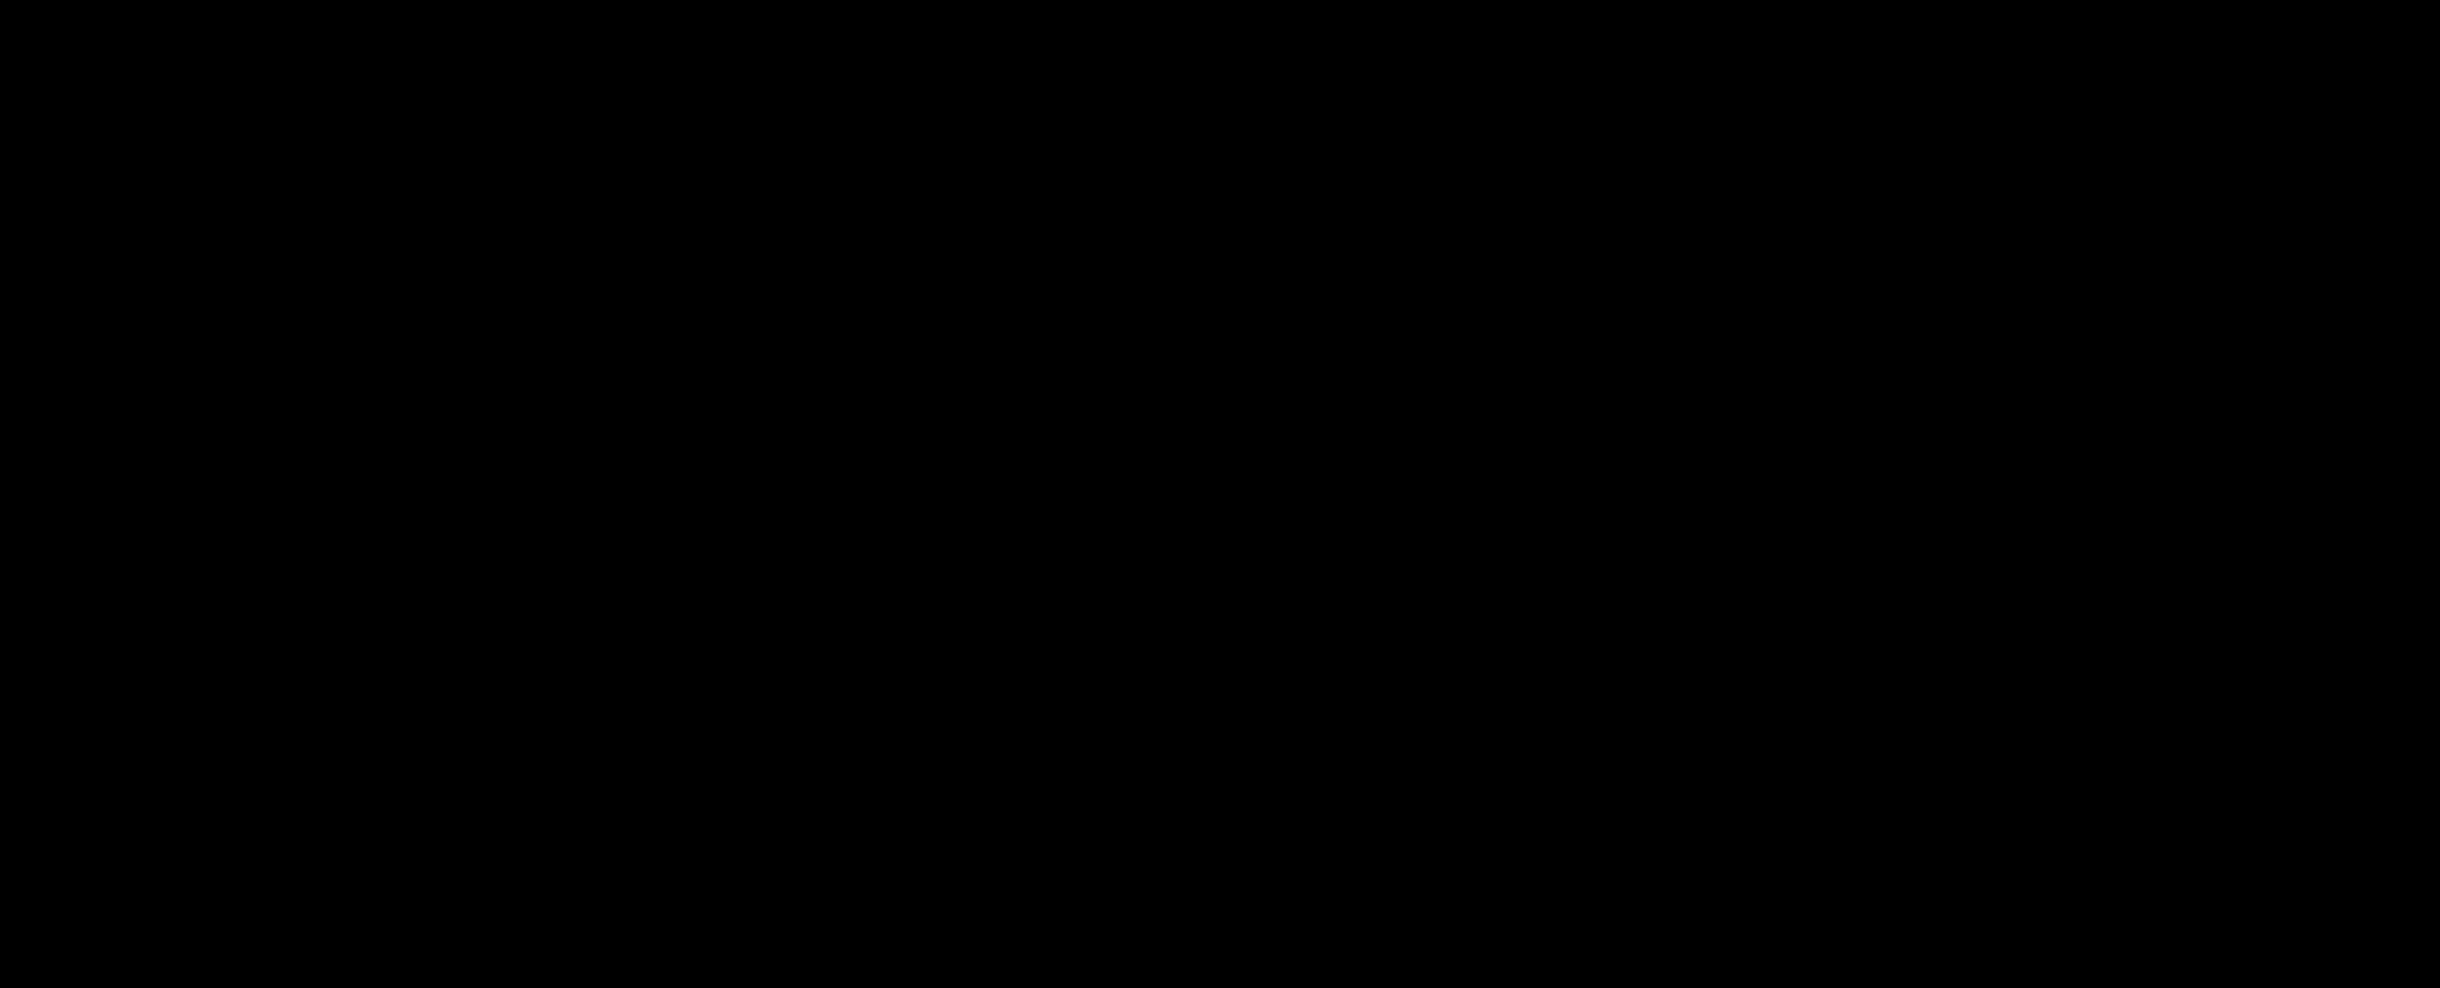 N-(8-Dansylamino)octyl-1-adamantane carboxamide